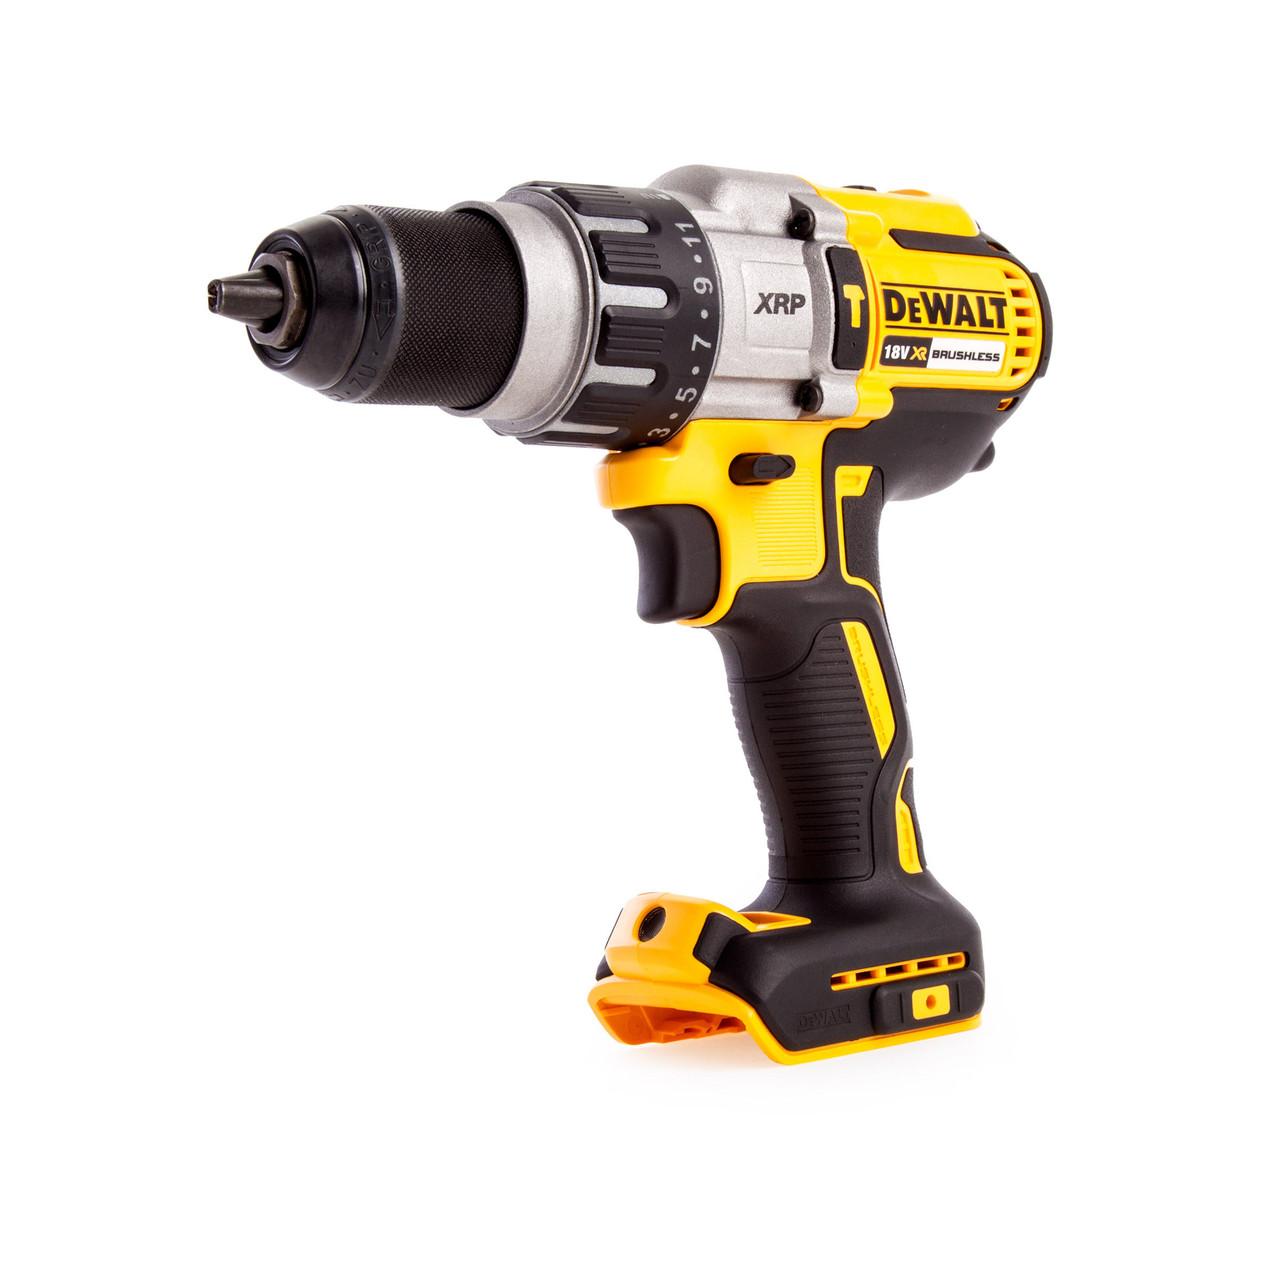 Dewalt DCD996N 18V CombI Drill (Body Only) (DCD996N)